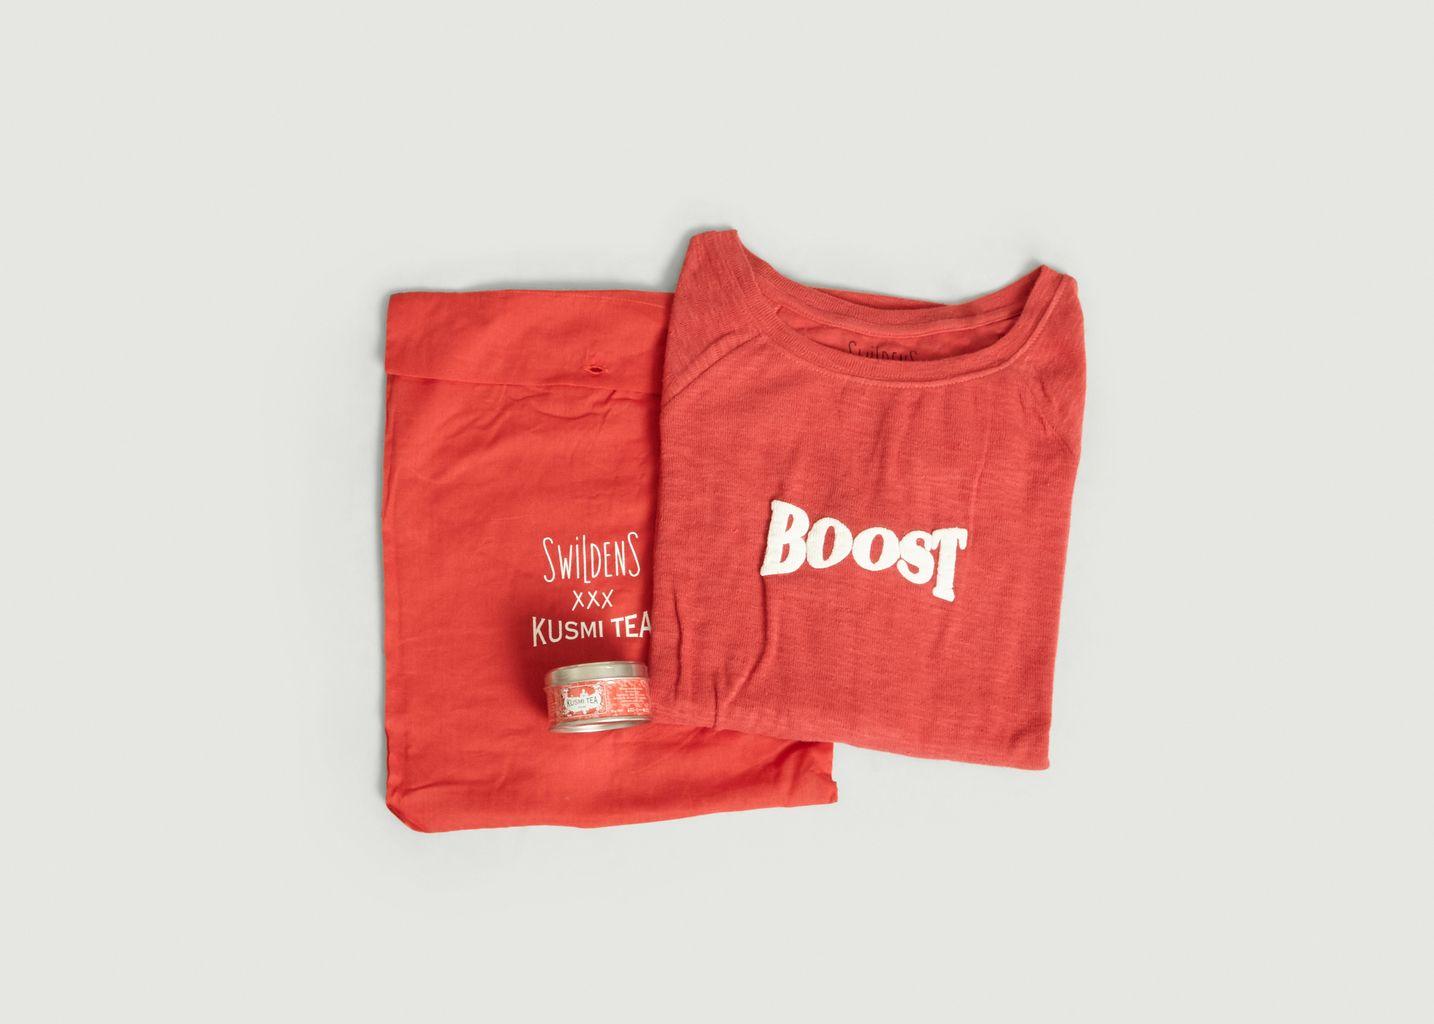 Sweat x Kusmi Tea Boost - Swildens